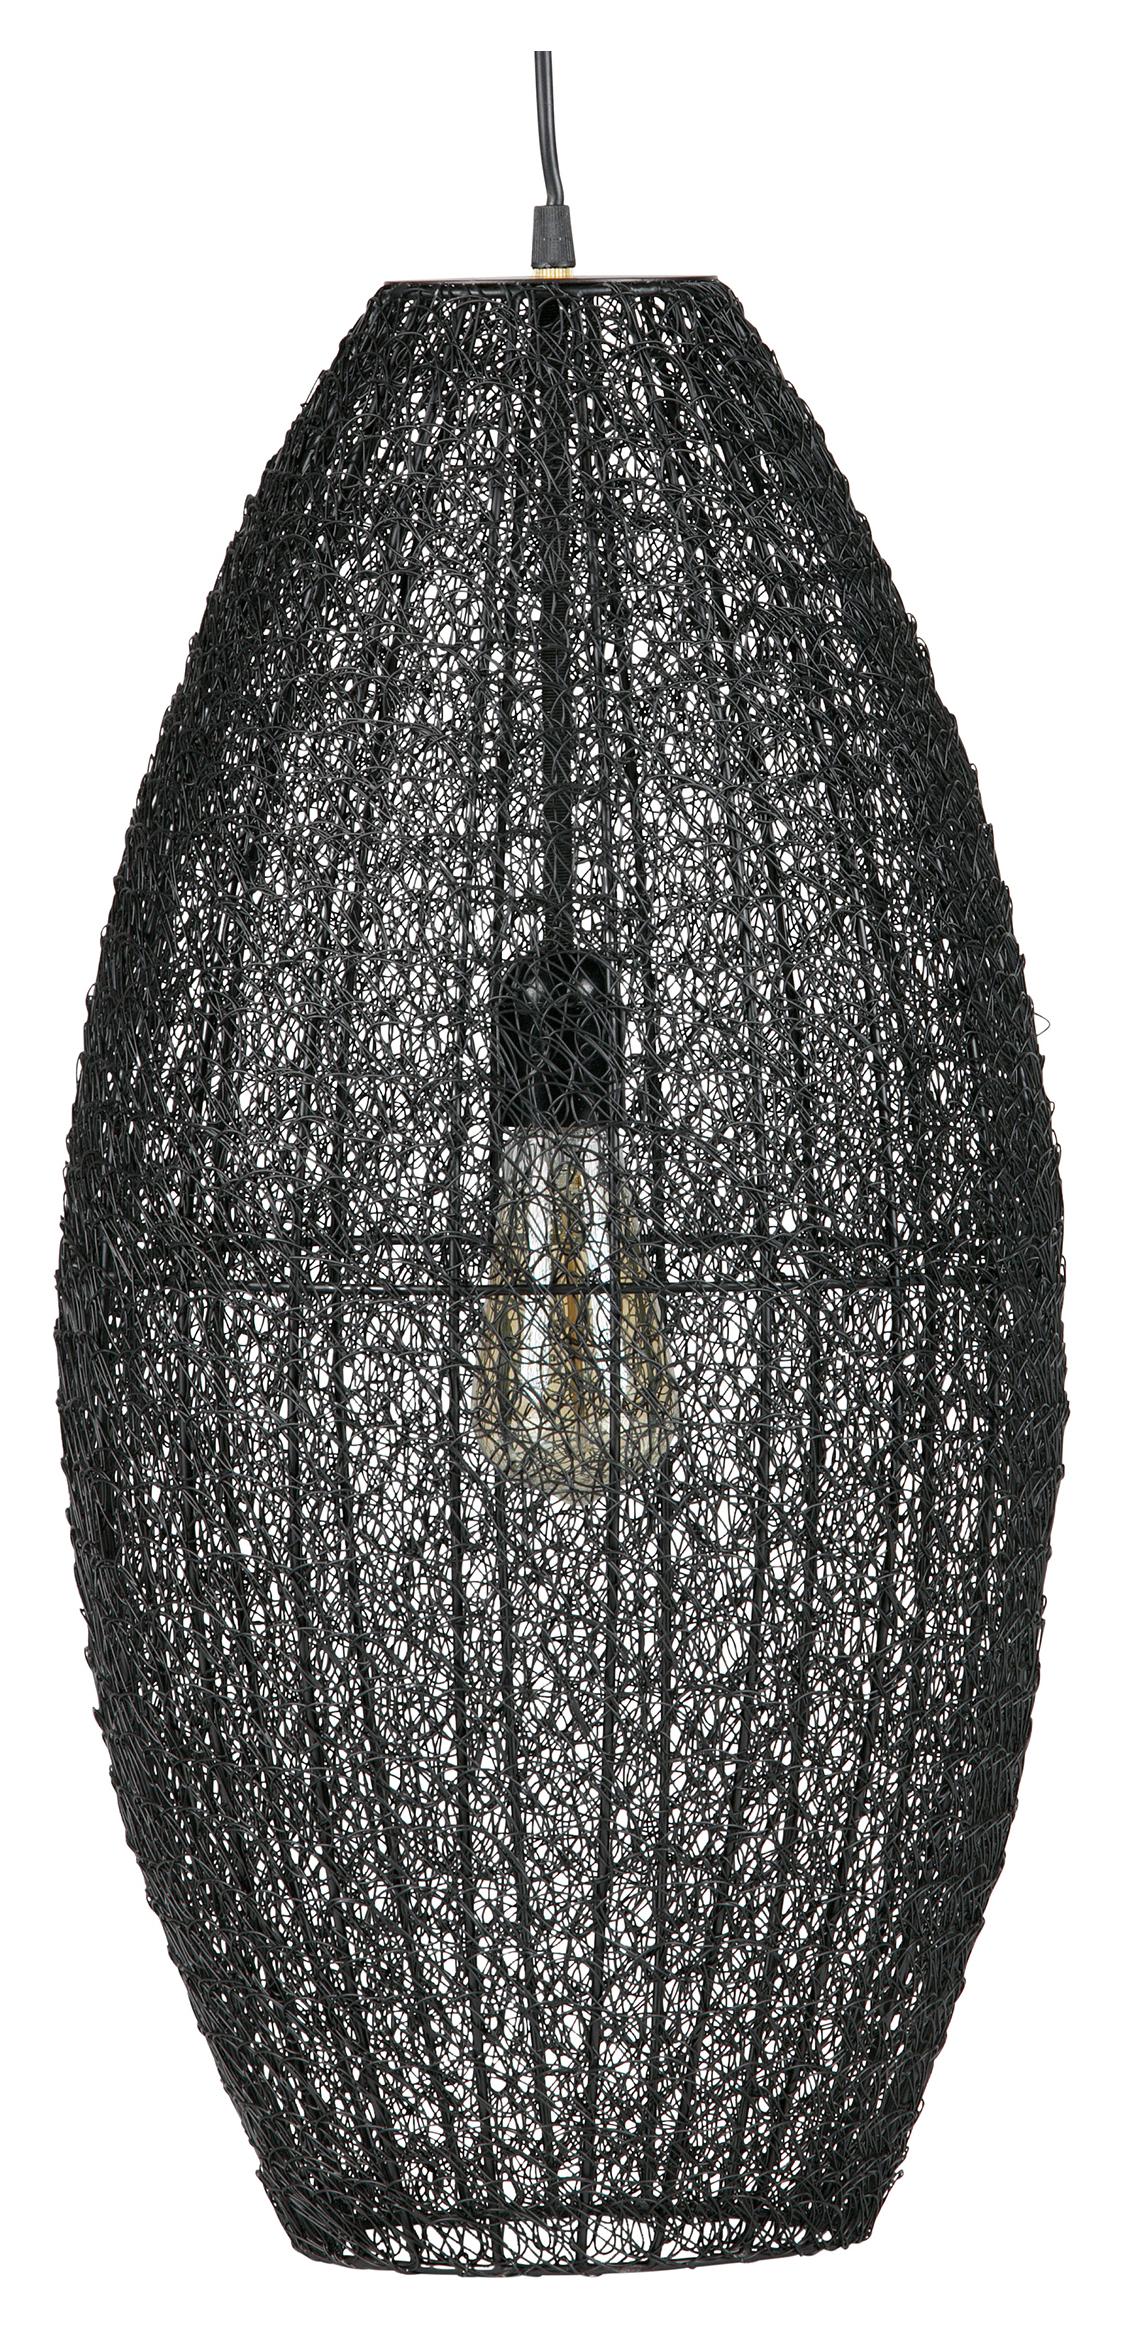 BePureHome Hanglamp 'Creative' 60cm, kleur Zwart Verlichting | Hanglampen kopen